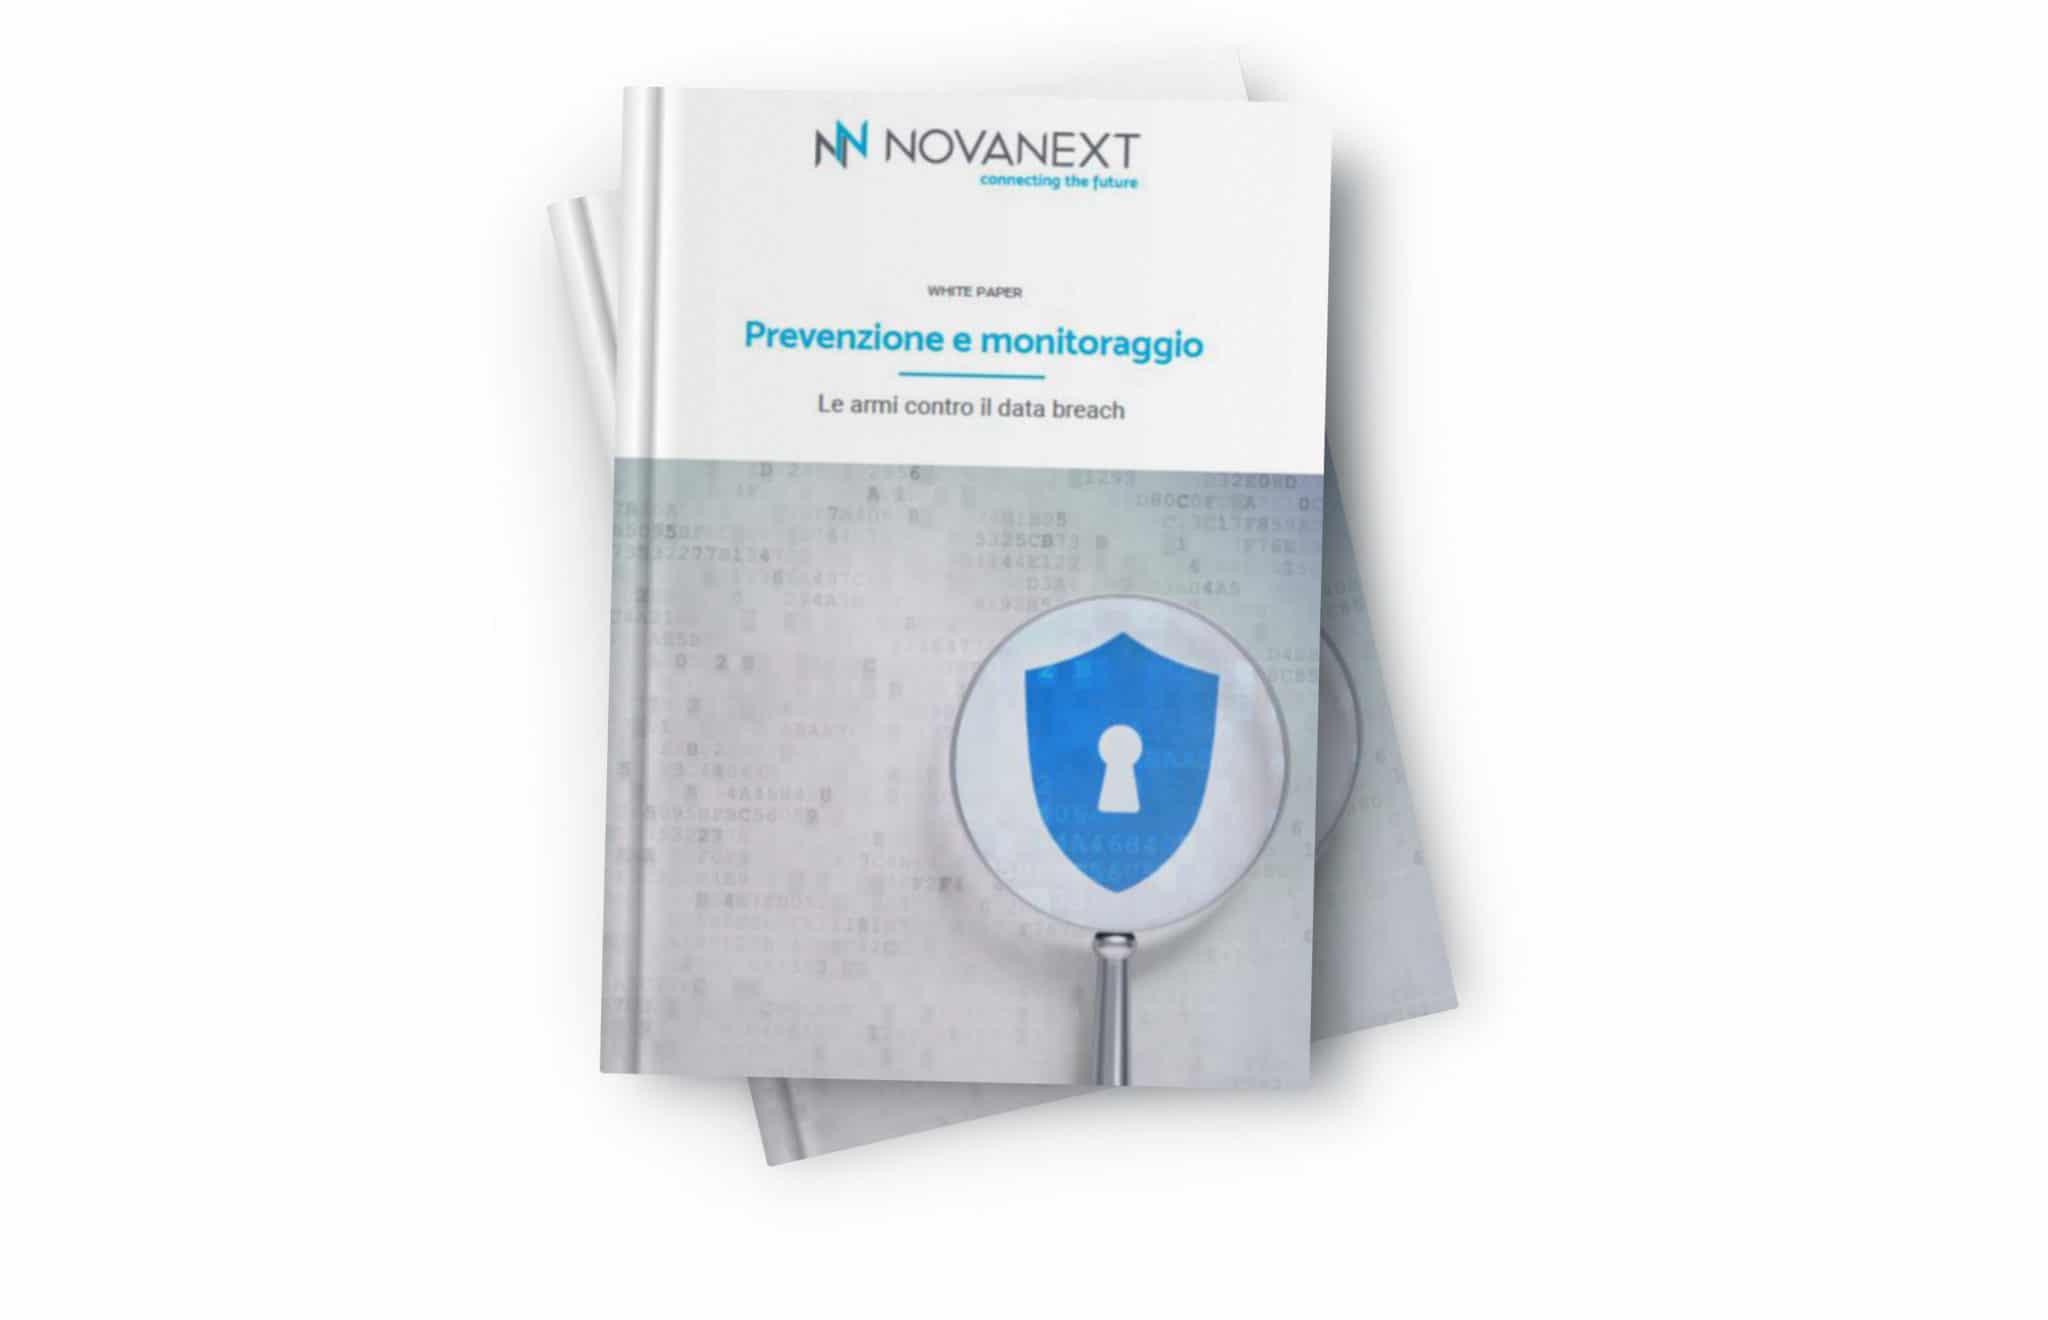 monitoraggio prevenzione